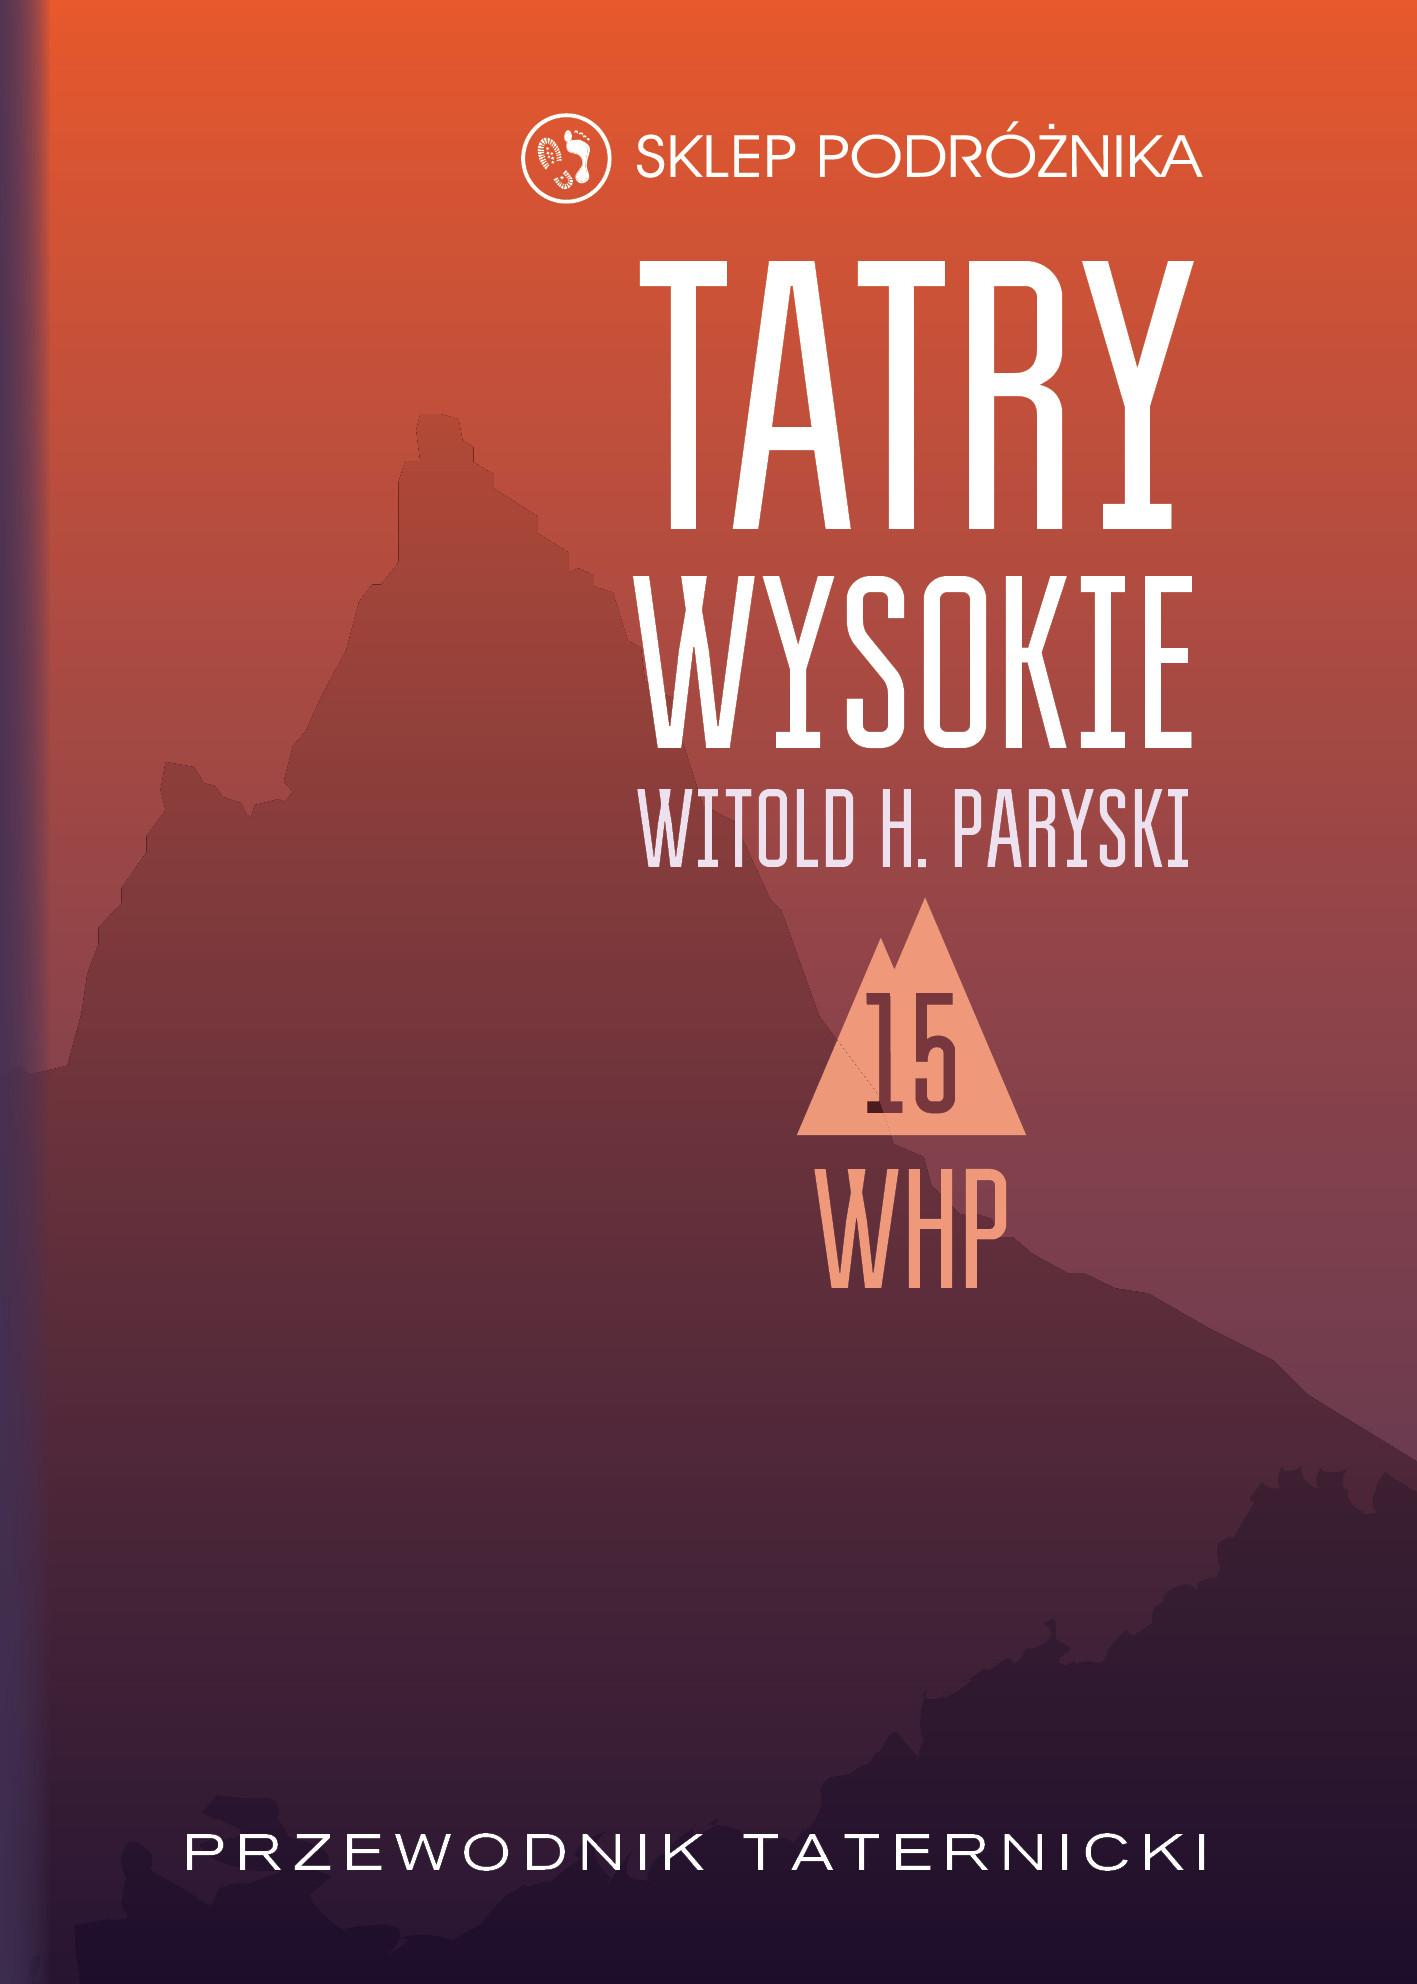 Tatry Wysokie. Przewodnik taternicki t. 15